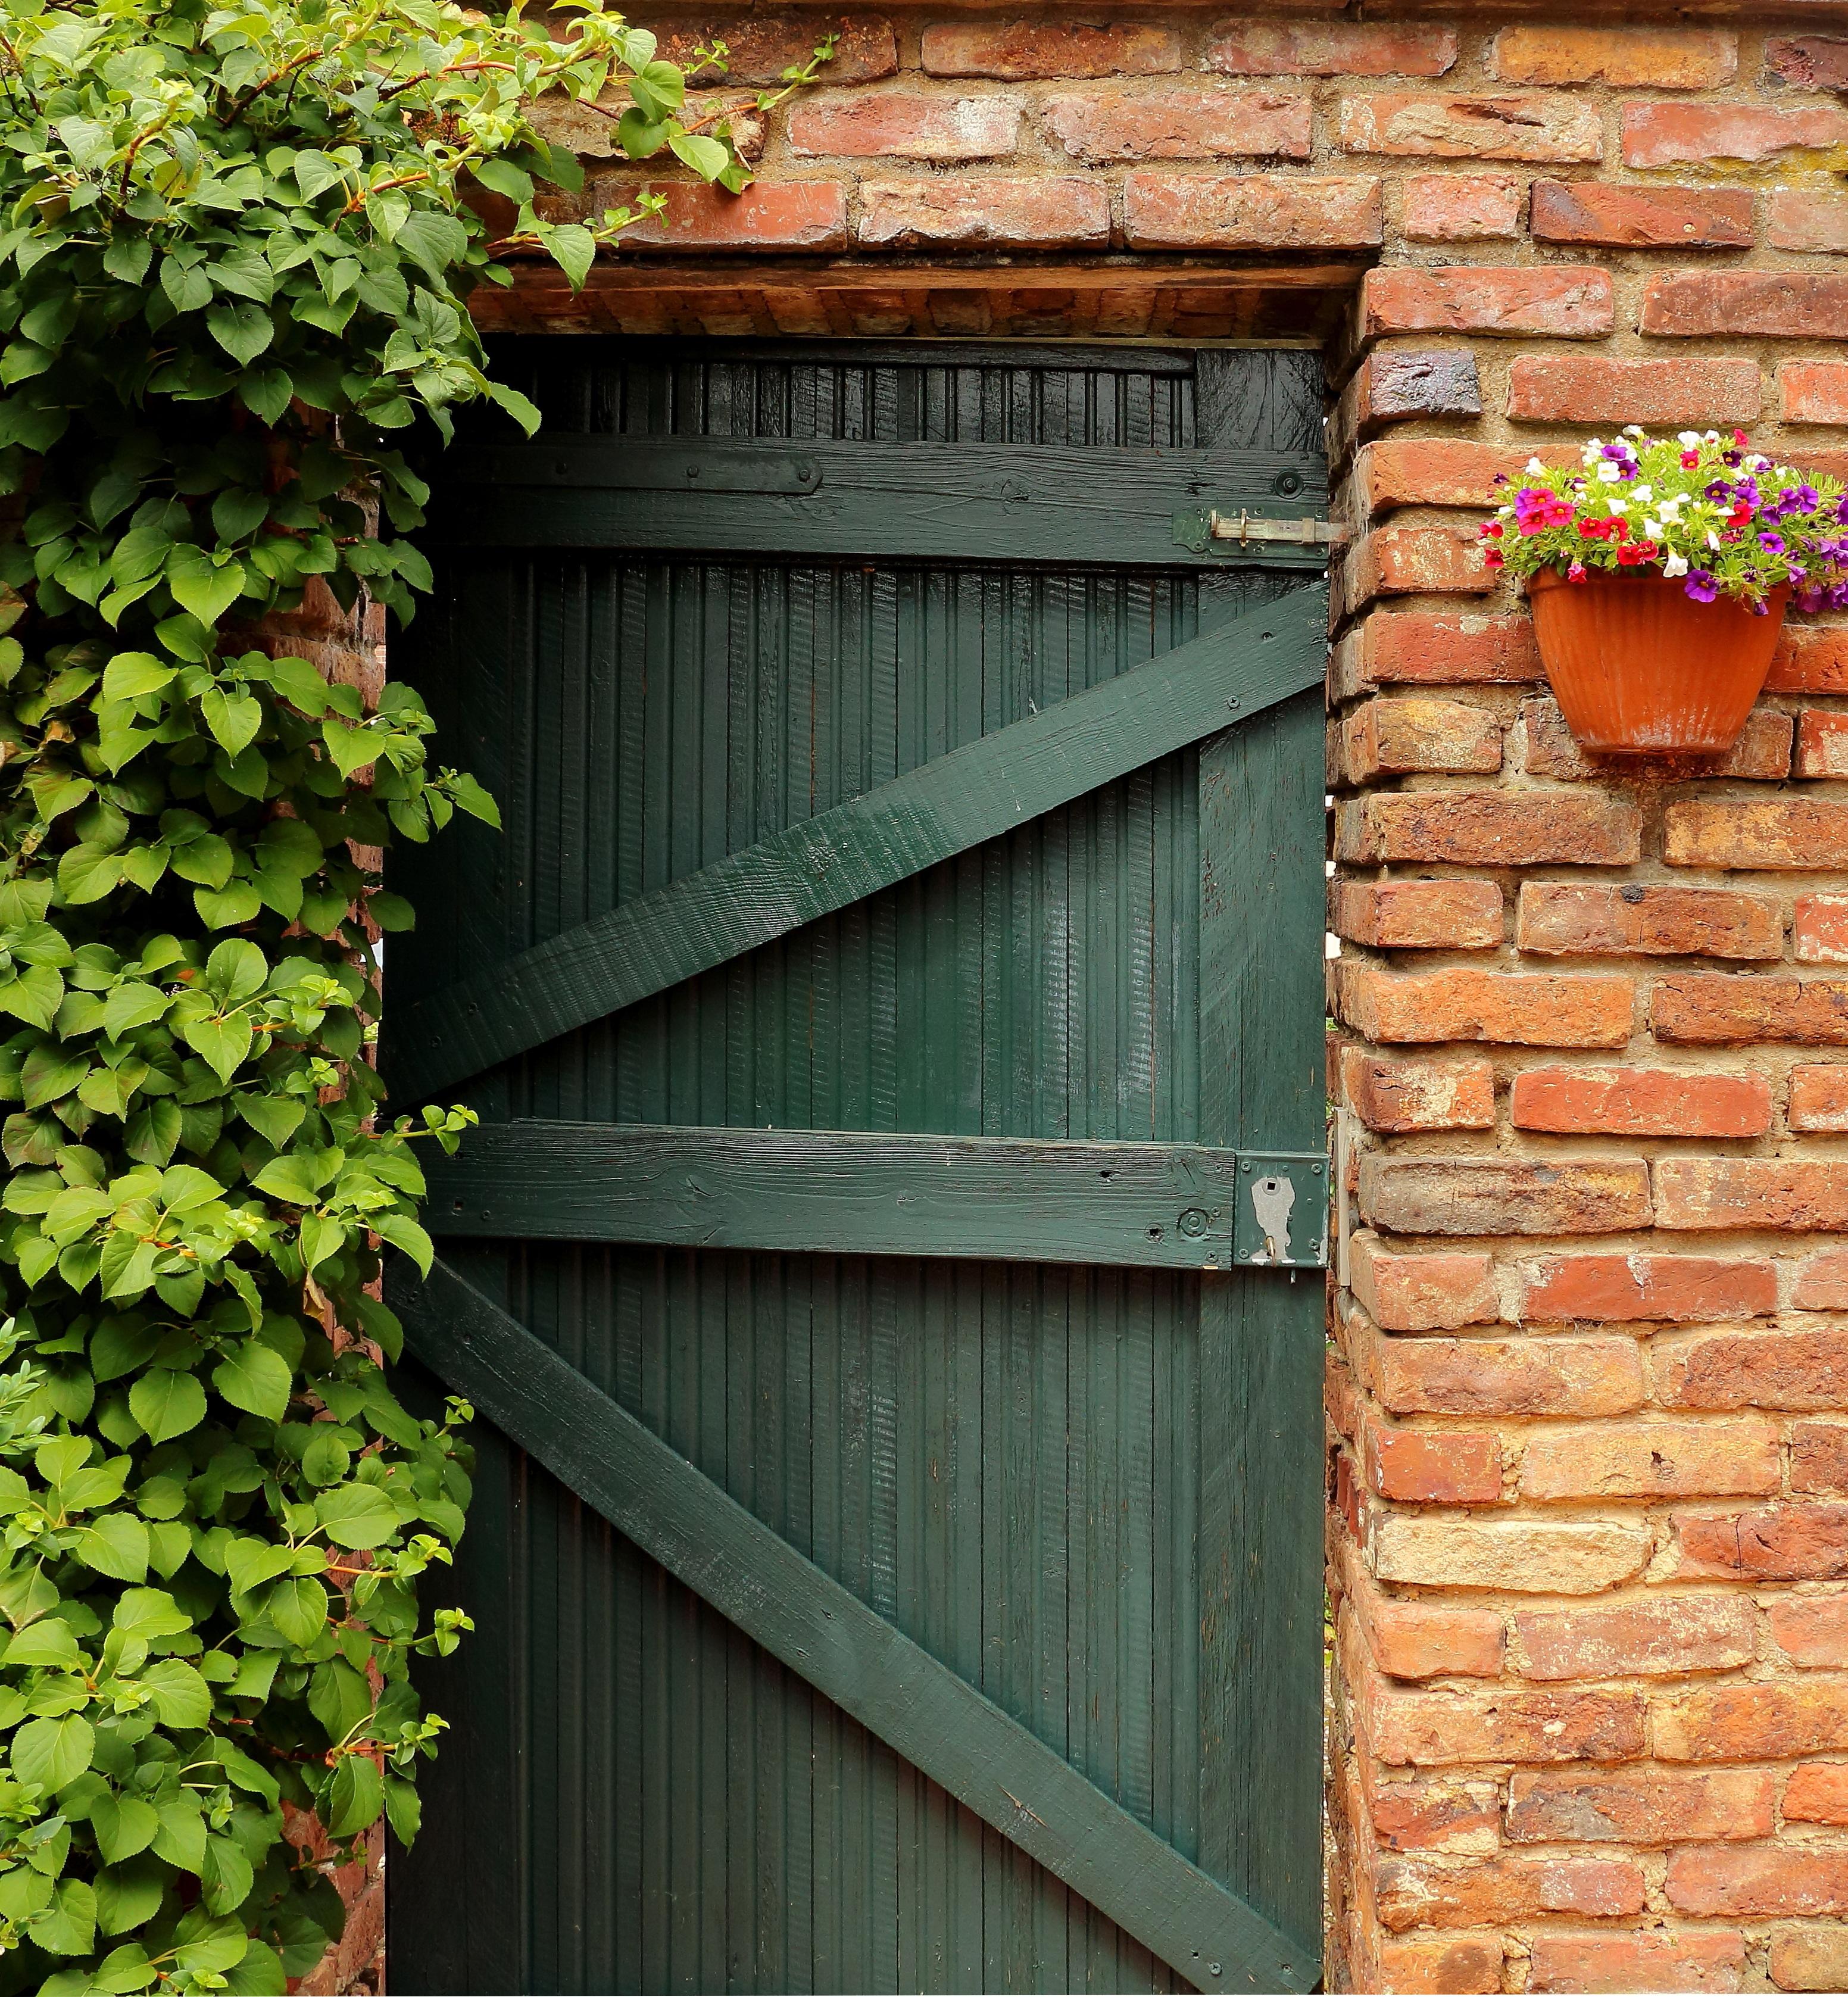 Images Gratuites Clôture Bois Fenêtre Cabanon Vert Mur De - Porte de jardin en bois